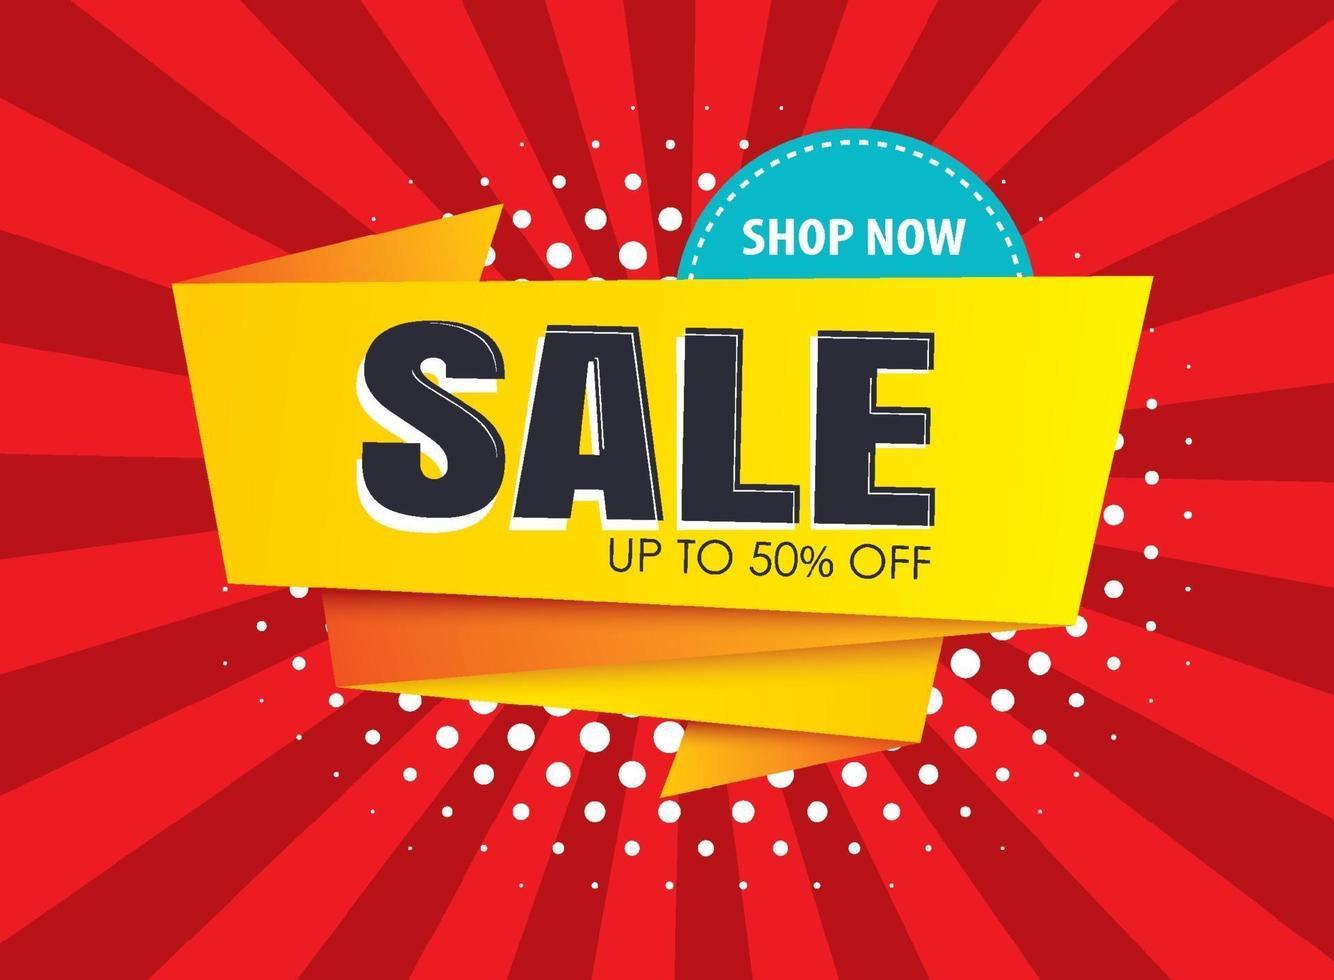 försäljning banner mallar. vektorillustrationer för affischer, shopping, e-post och nyhetsbrev design, annonser. vektor